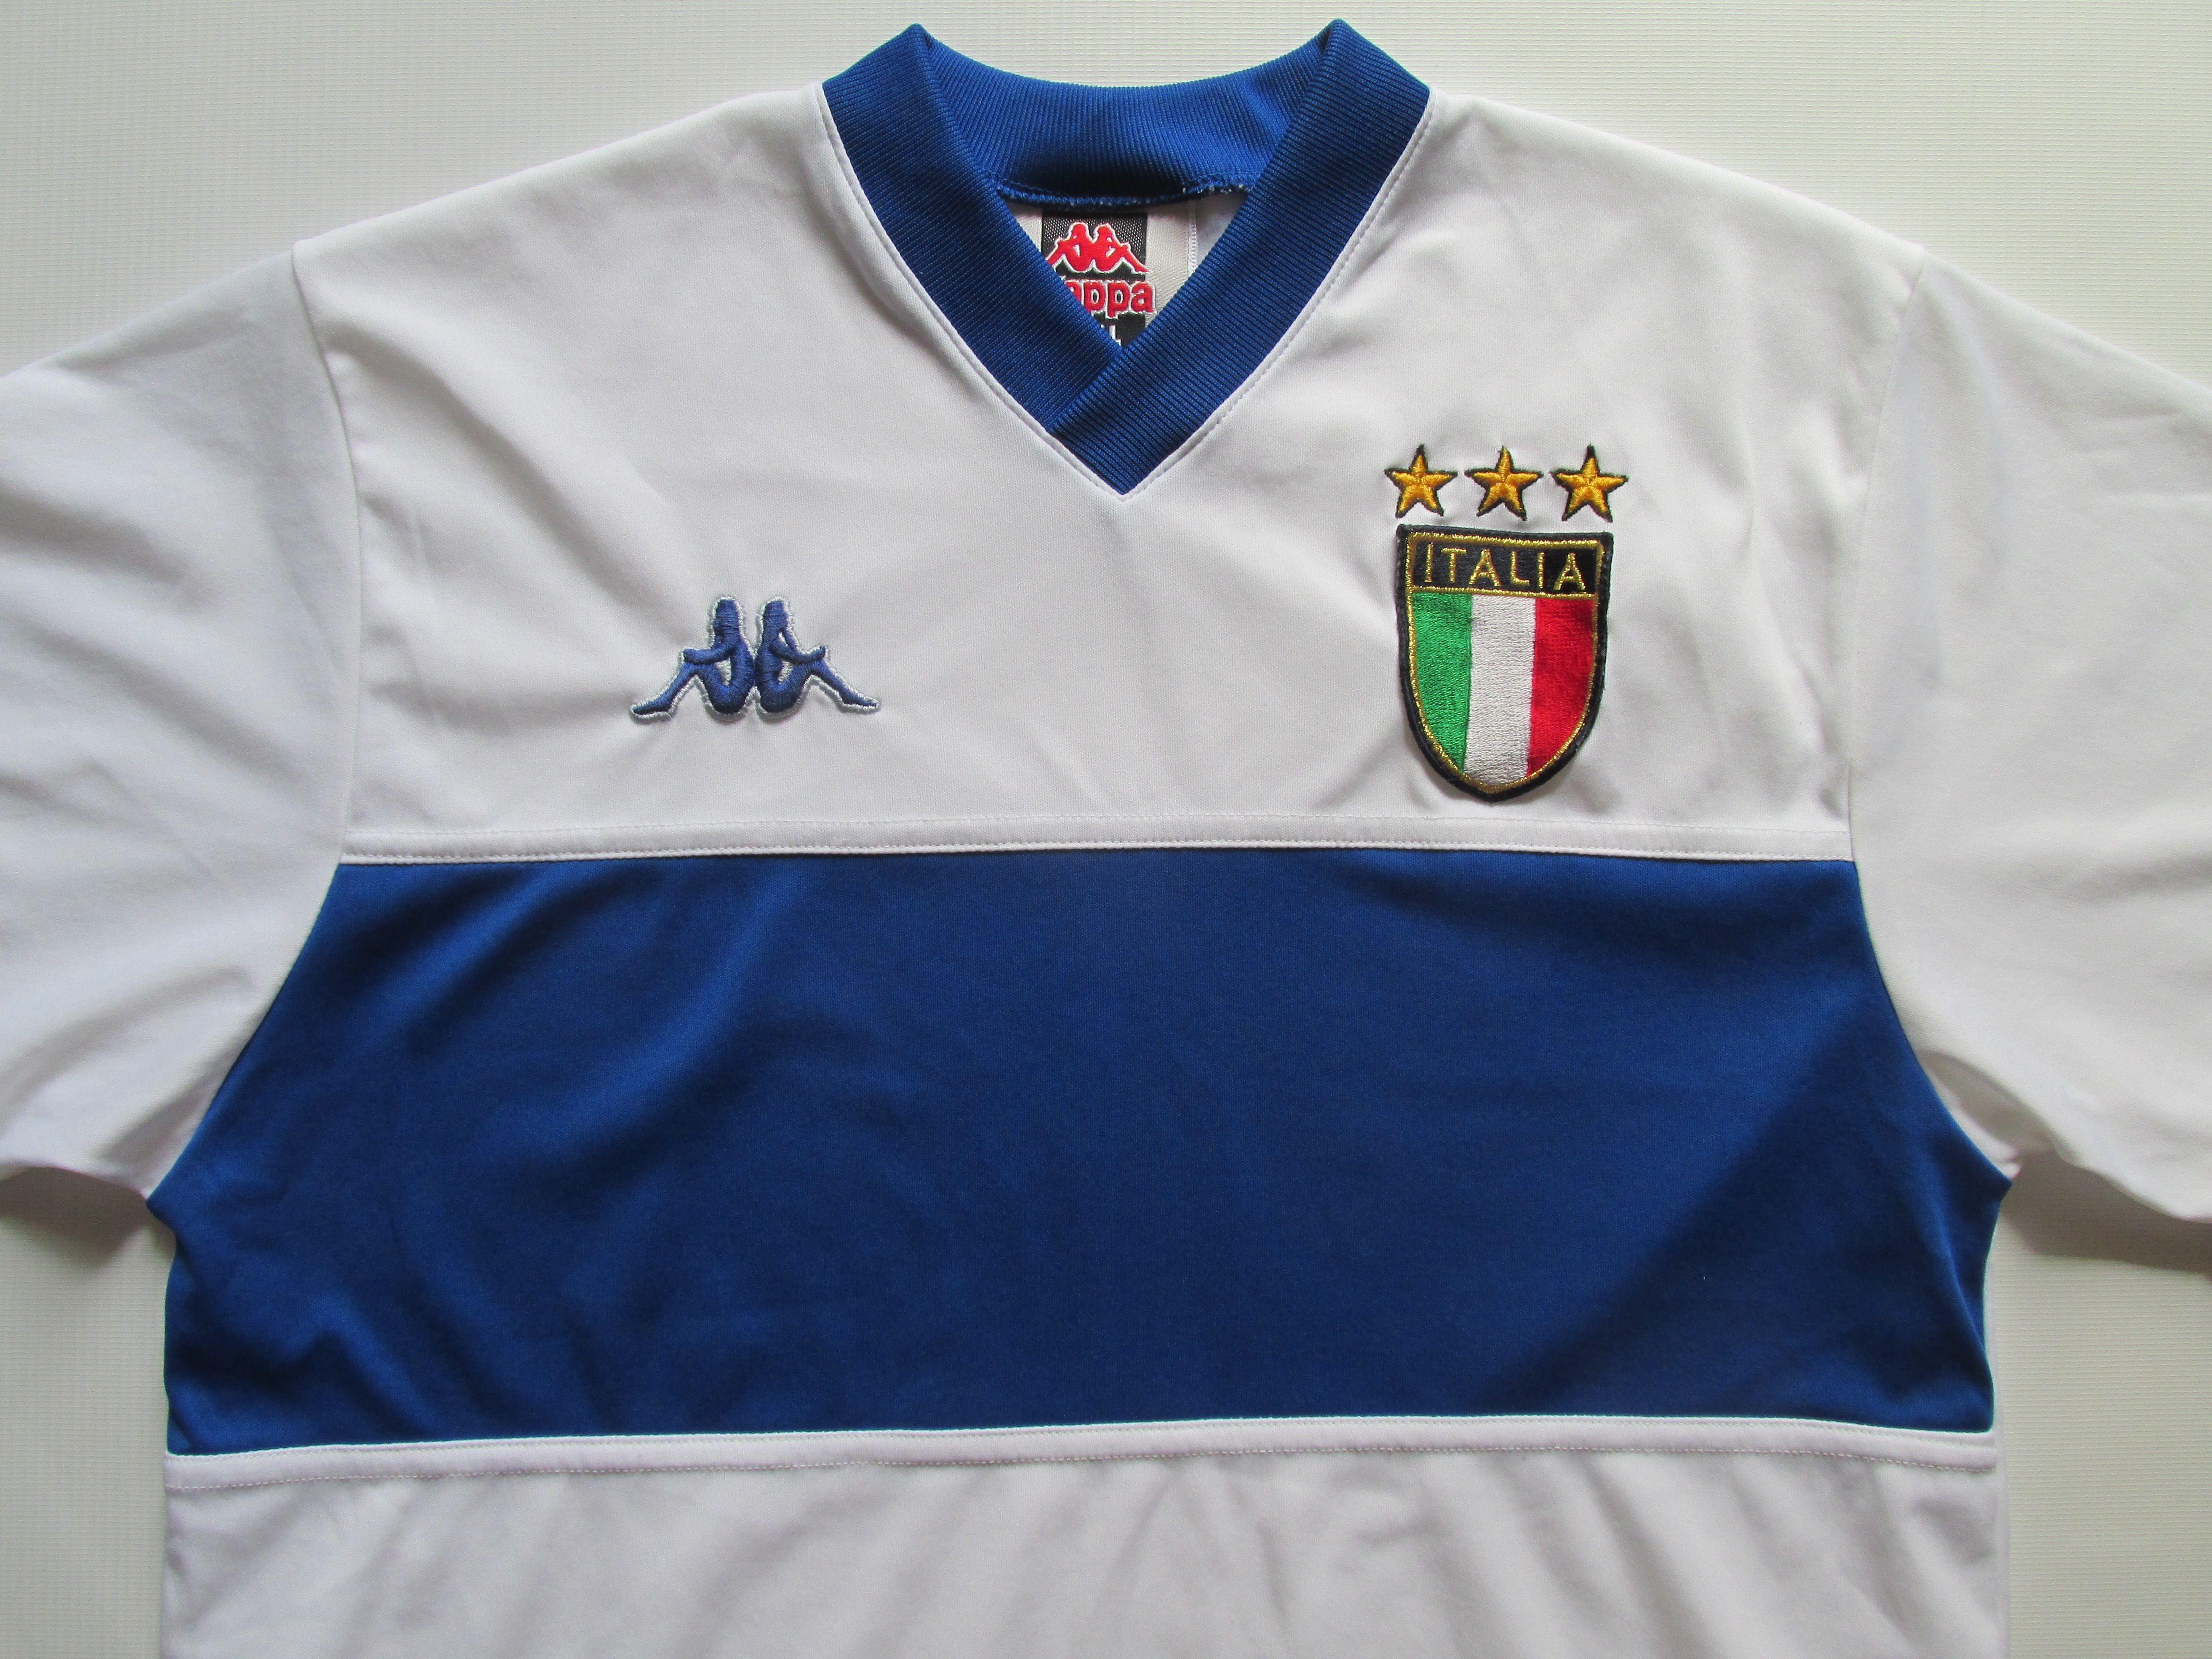 Italy 1998 1999 2000 Away Football Shirt By Kappa Italia Calcio Azzurri Vintage 90s Soccer Jersey Italy Football Shirts National Football Teams Football Fans